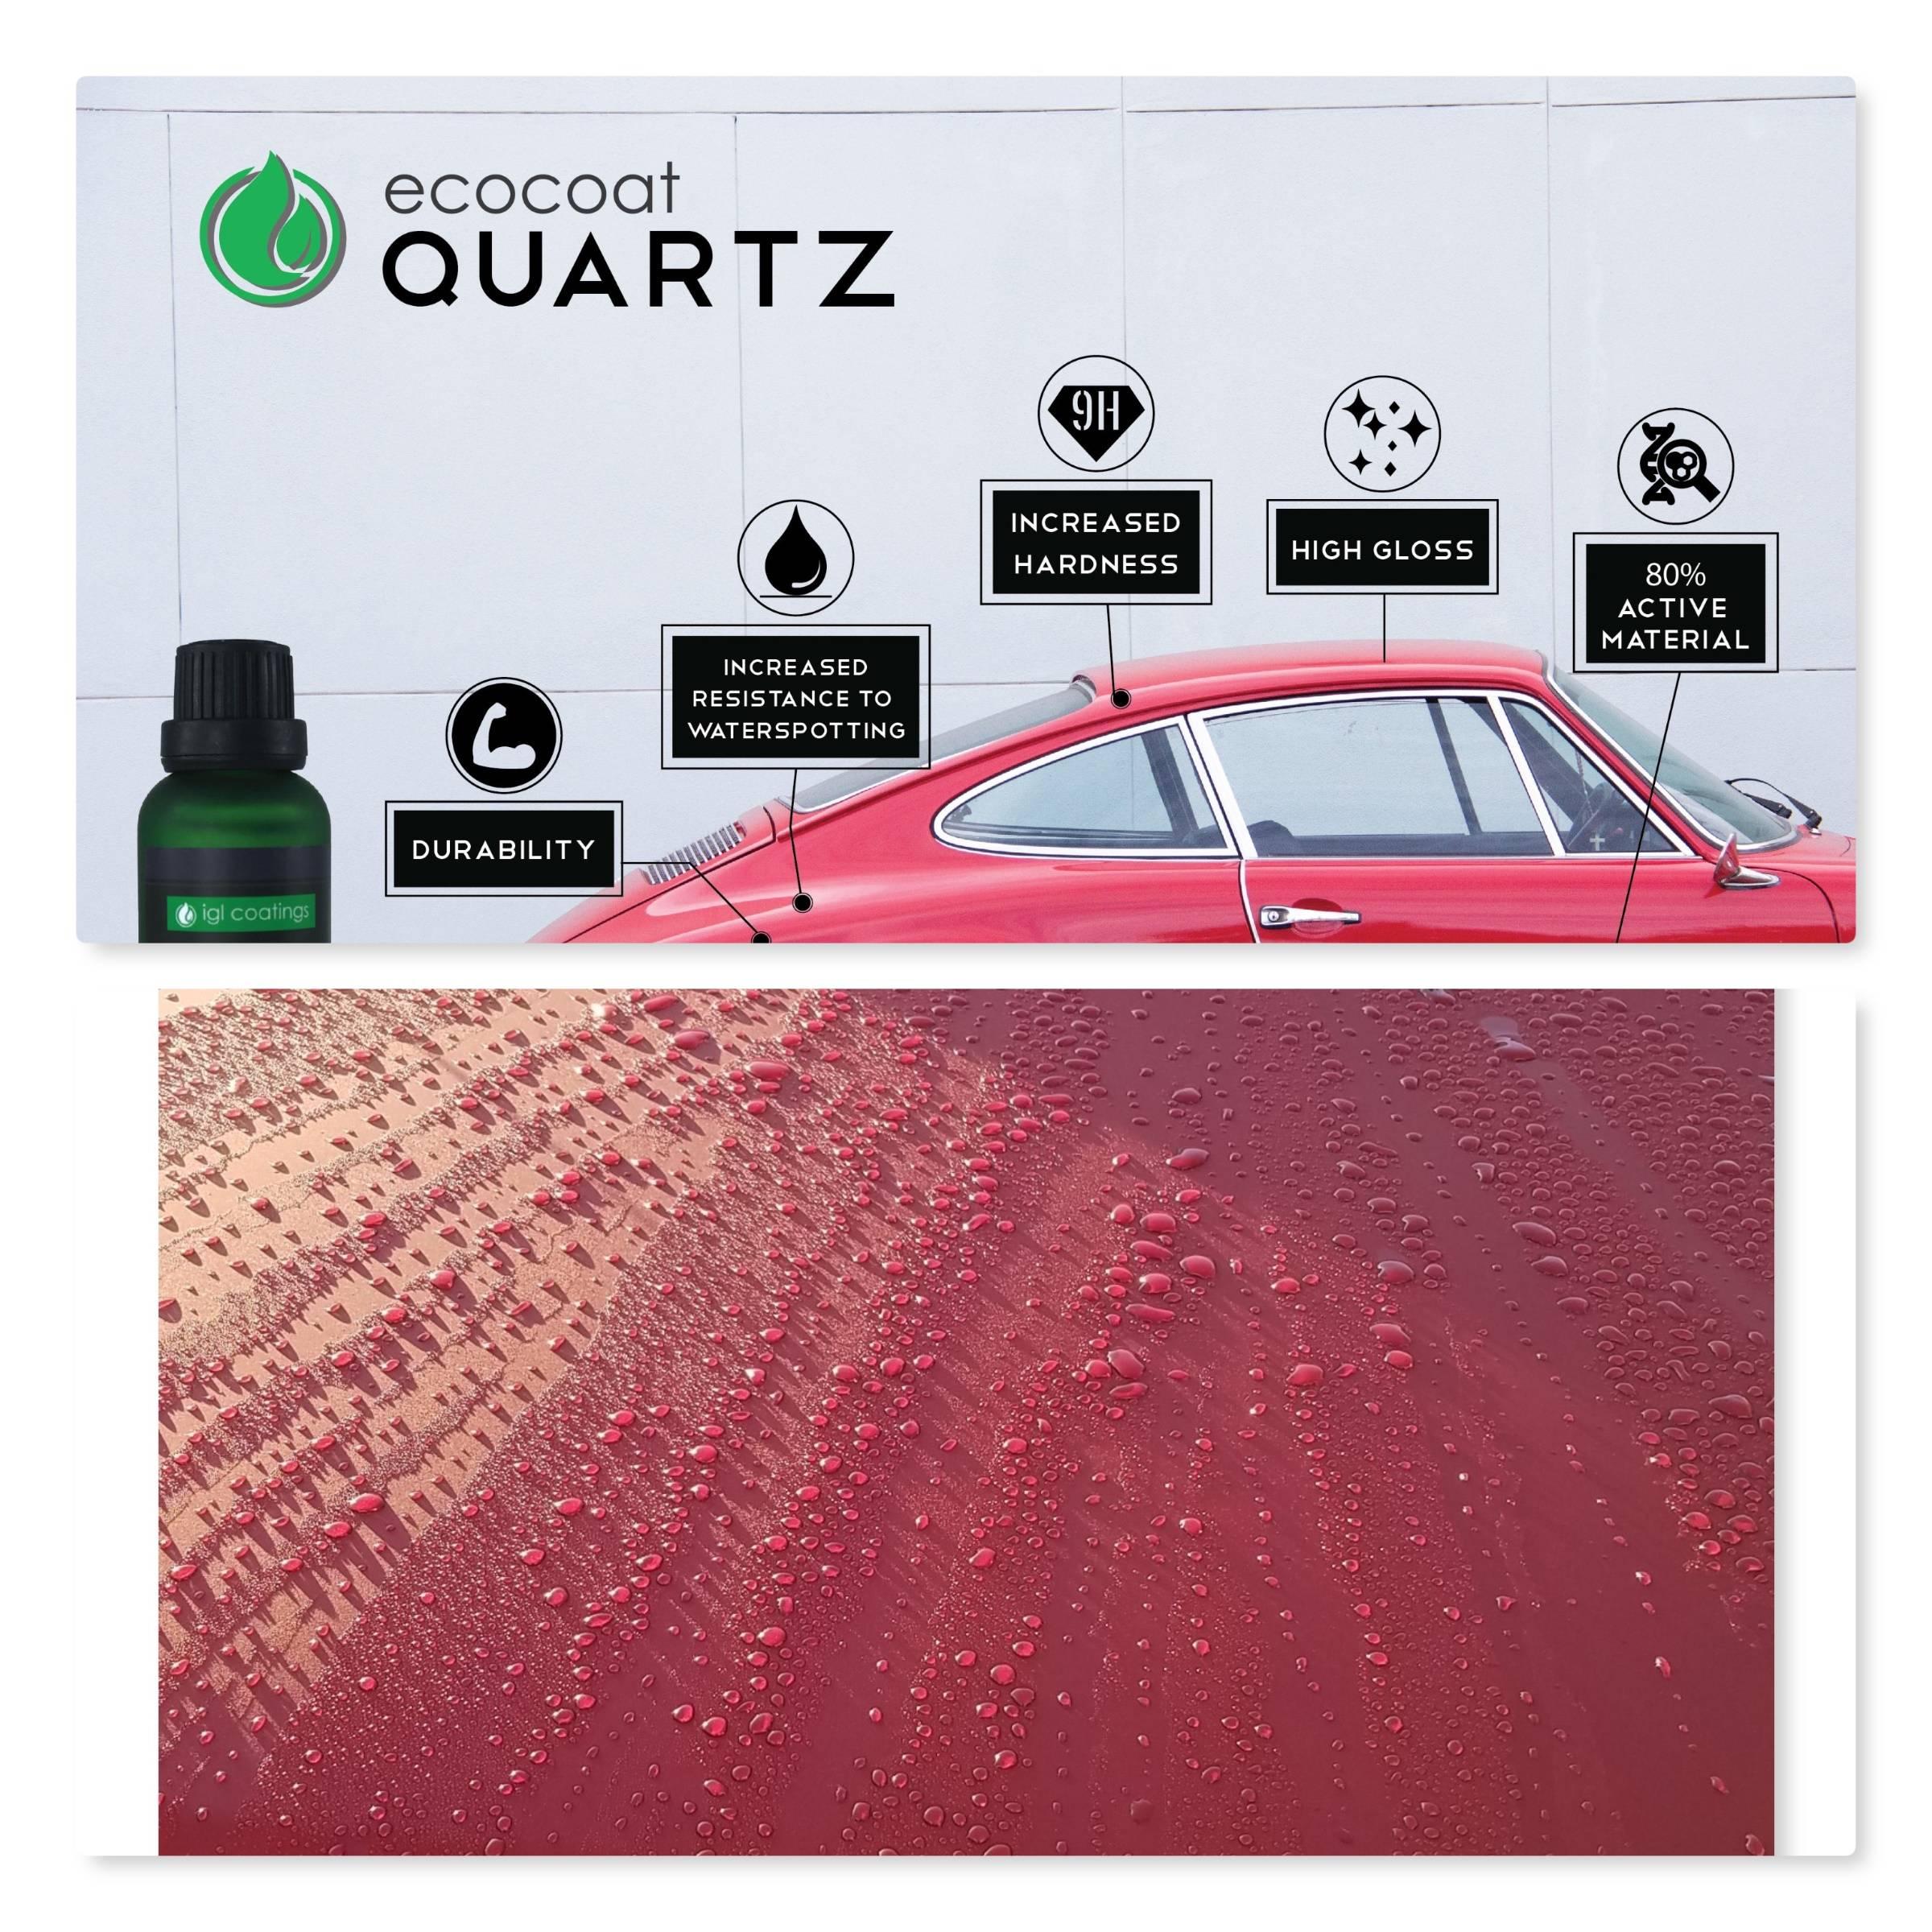 Quartz Paint Protection